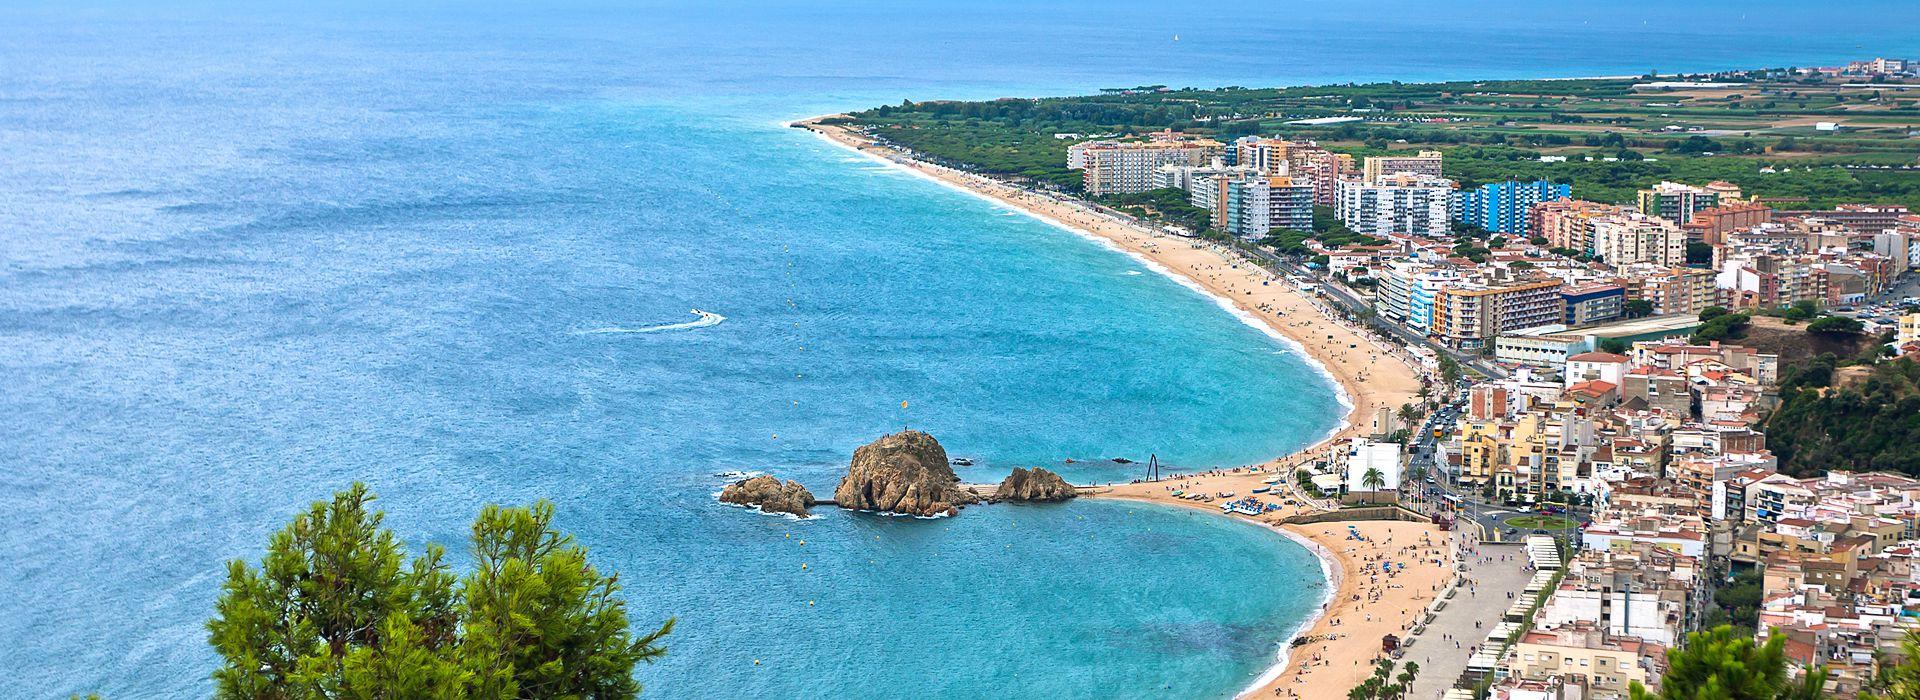 Курорты Испании – где лучше отдыхать? 12 мест